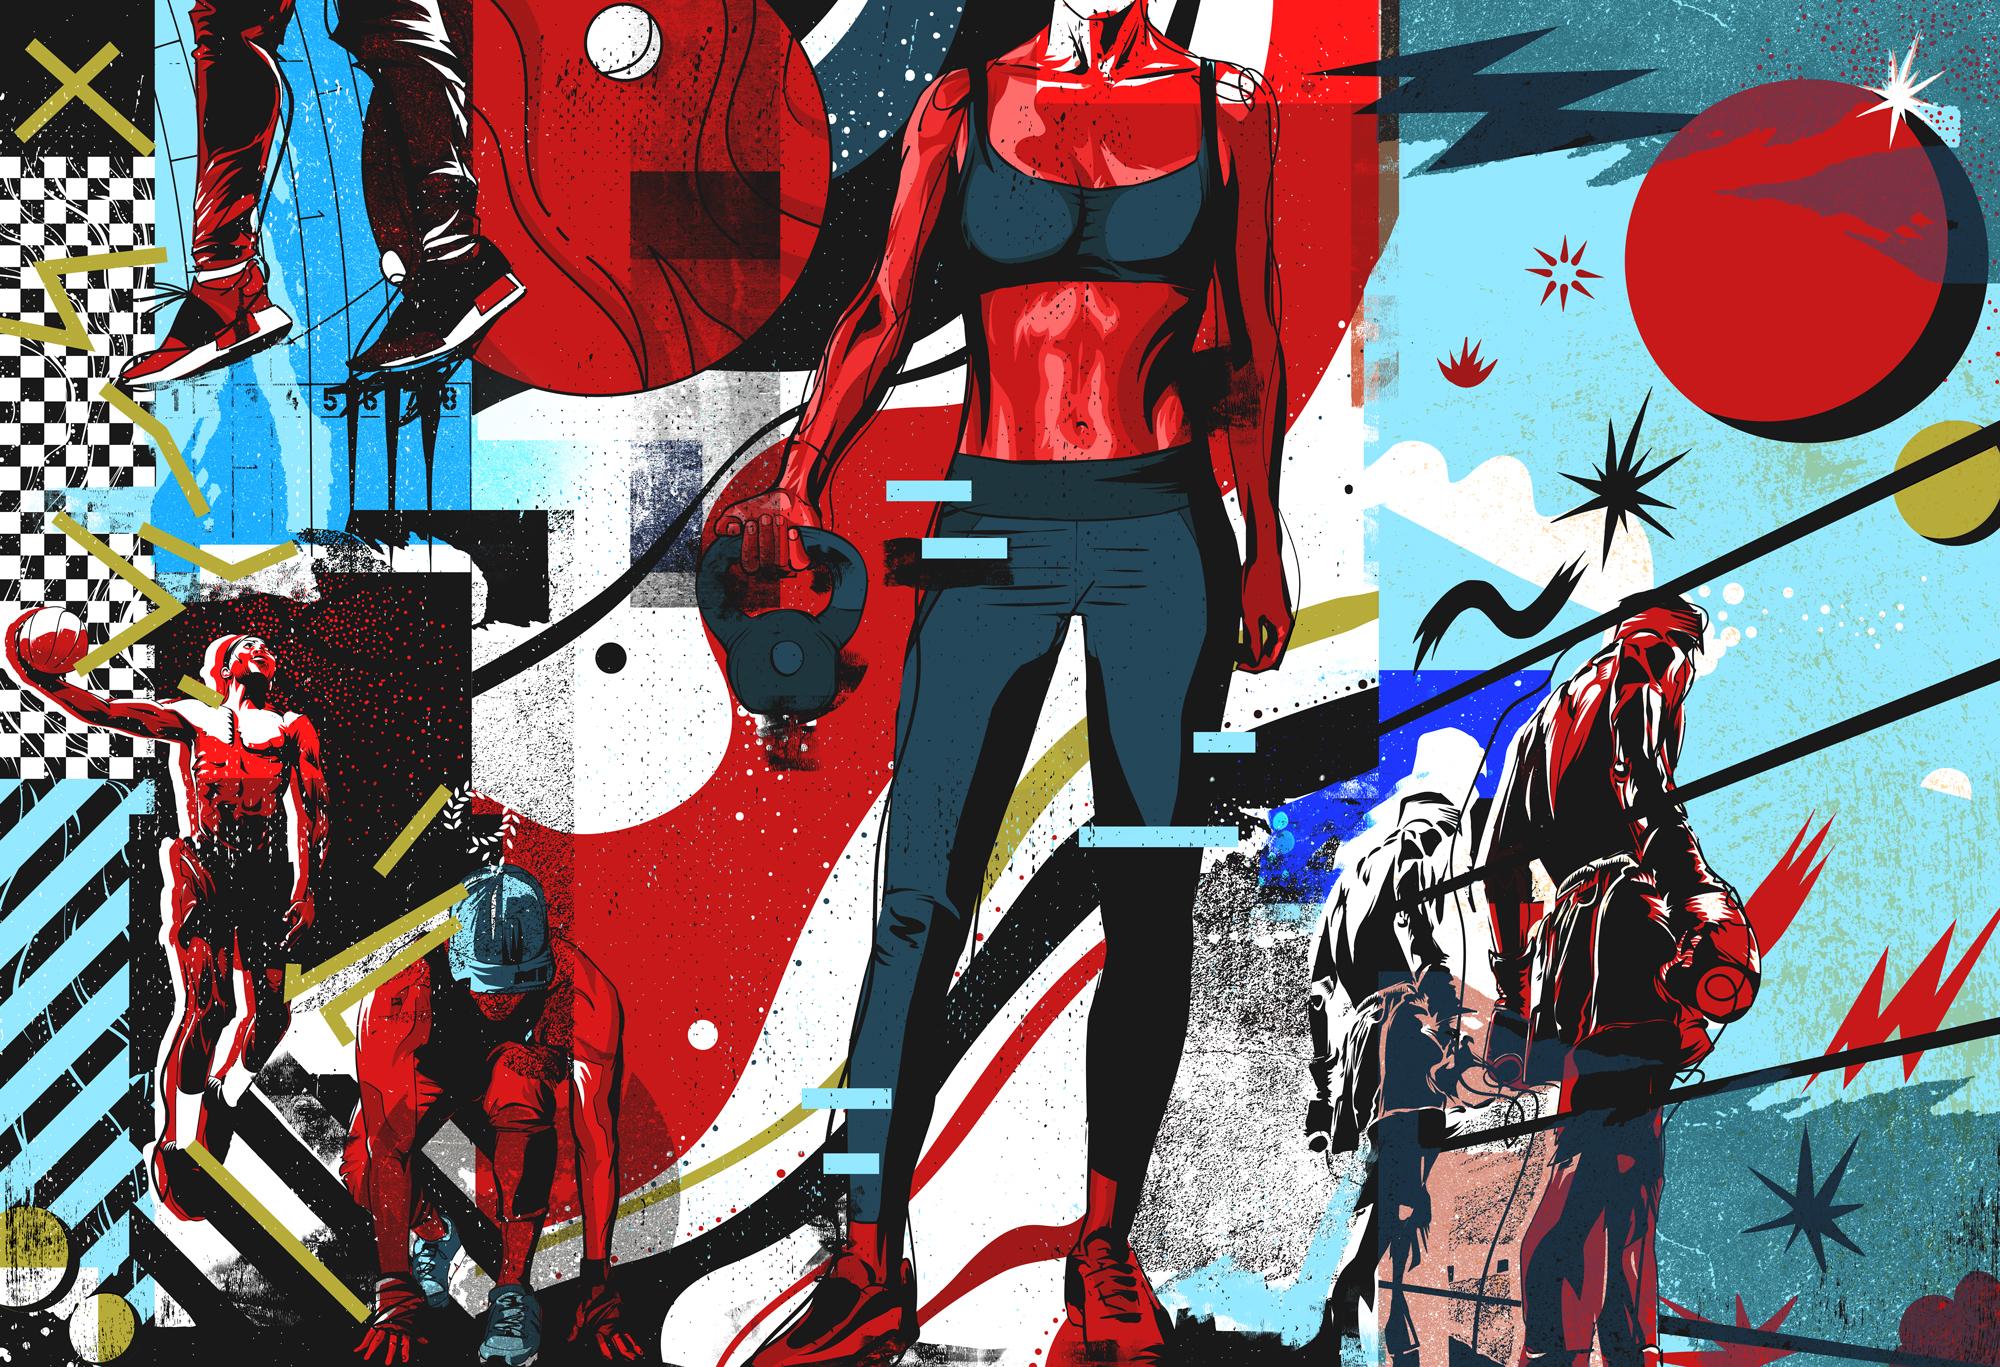 Mural-Illustration-Full.jpg